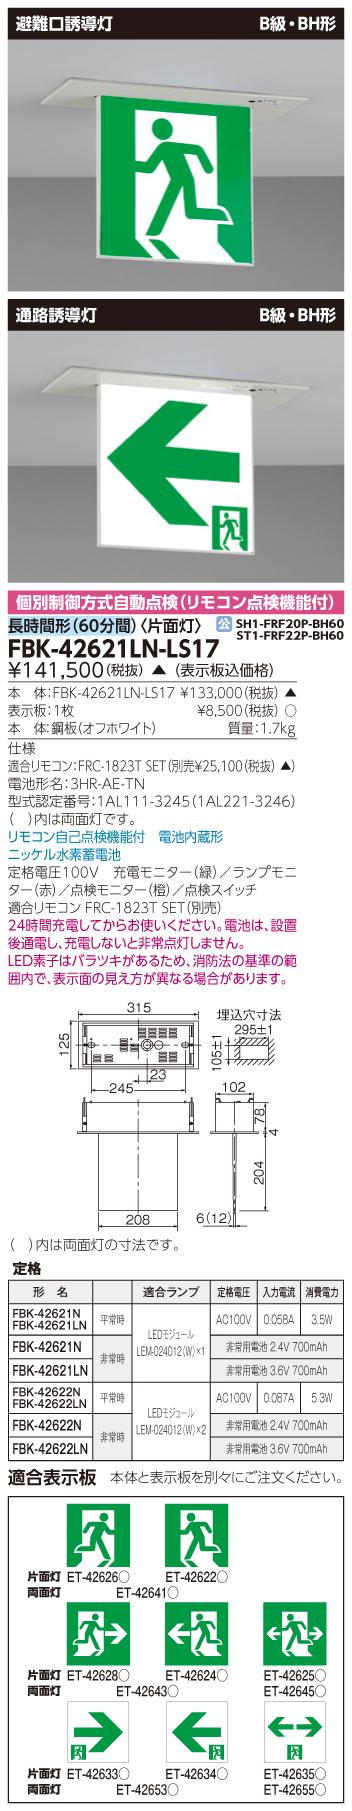 【法人様限定】東芝 FBK-42621LN-LS17 LED誘導灯 天井埋込形 電池内蔵 片面 B級BH形 長時間(60分) 【表示板別売】